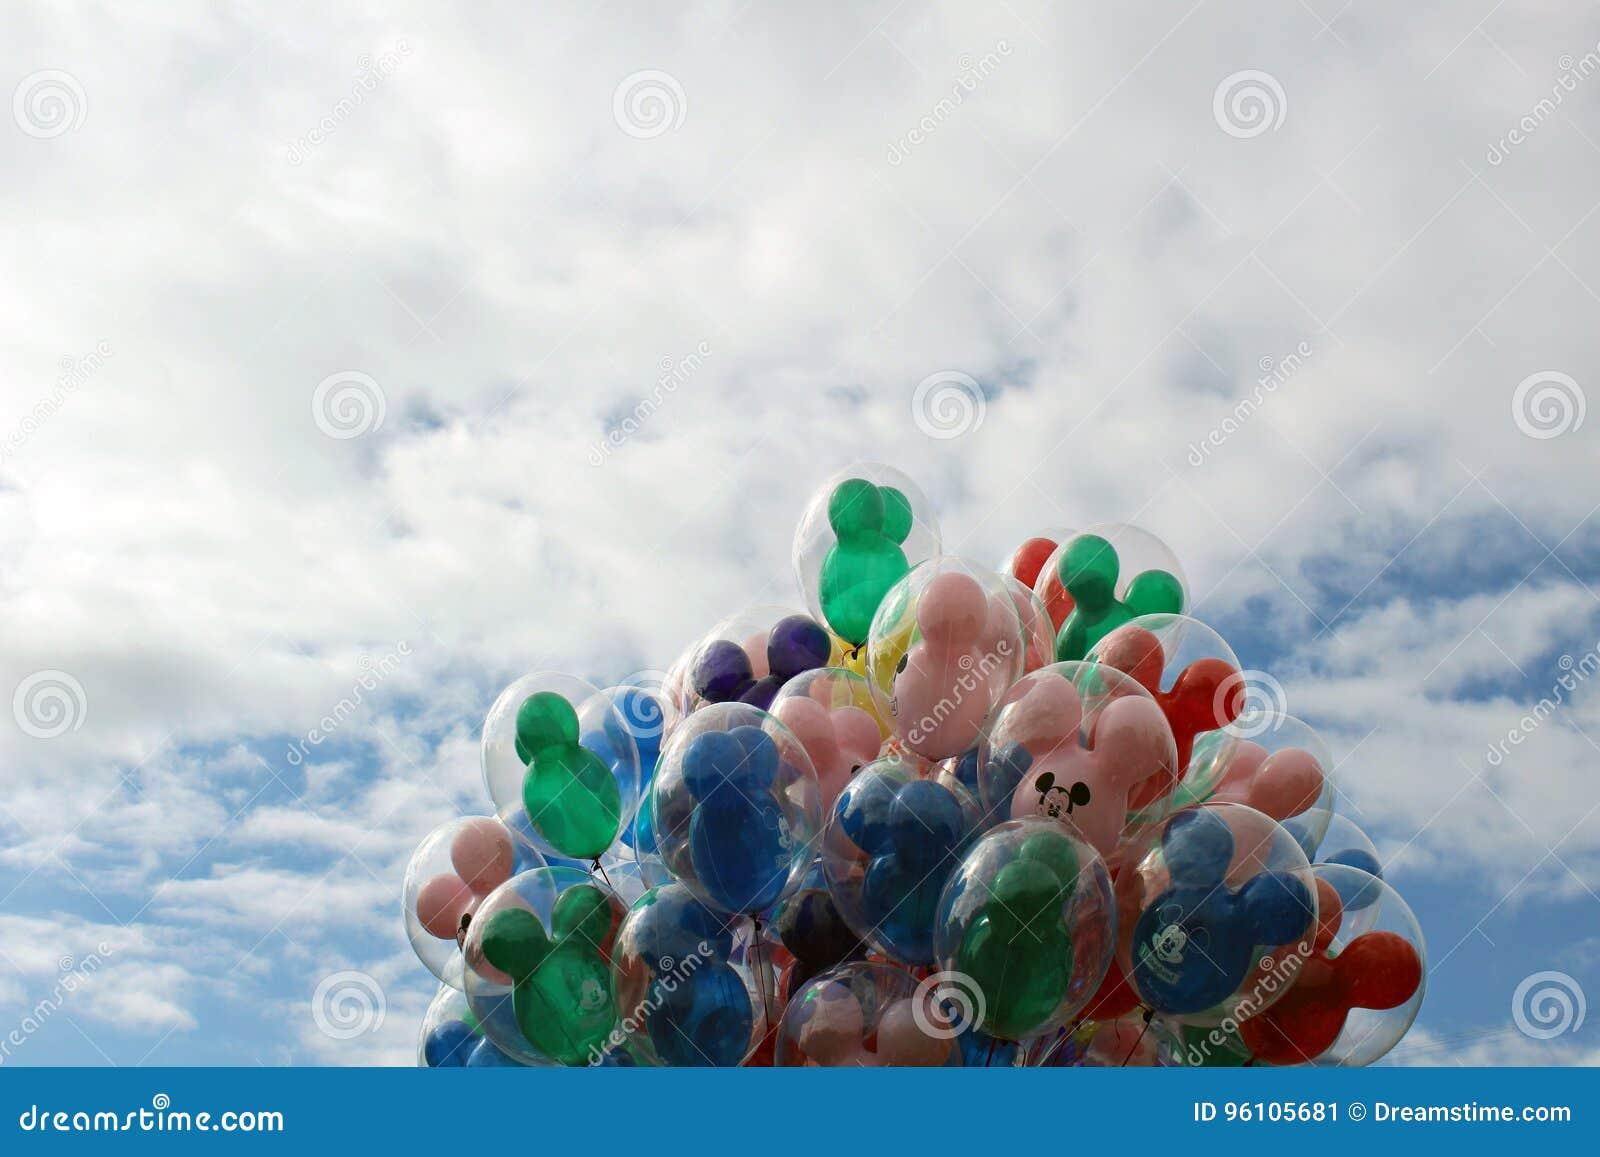 Balony, Disneyland